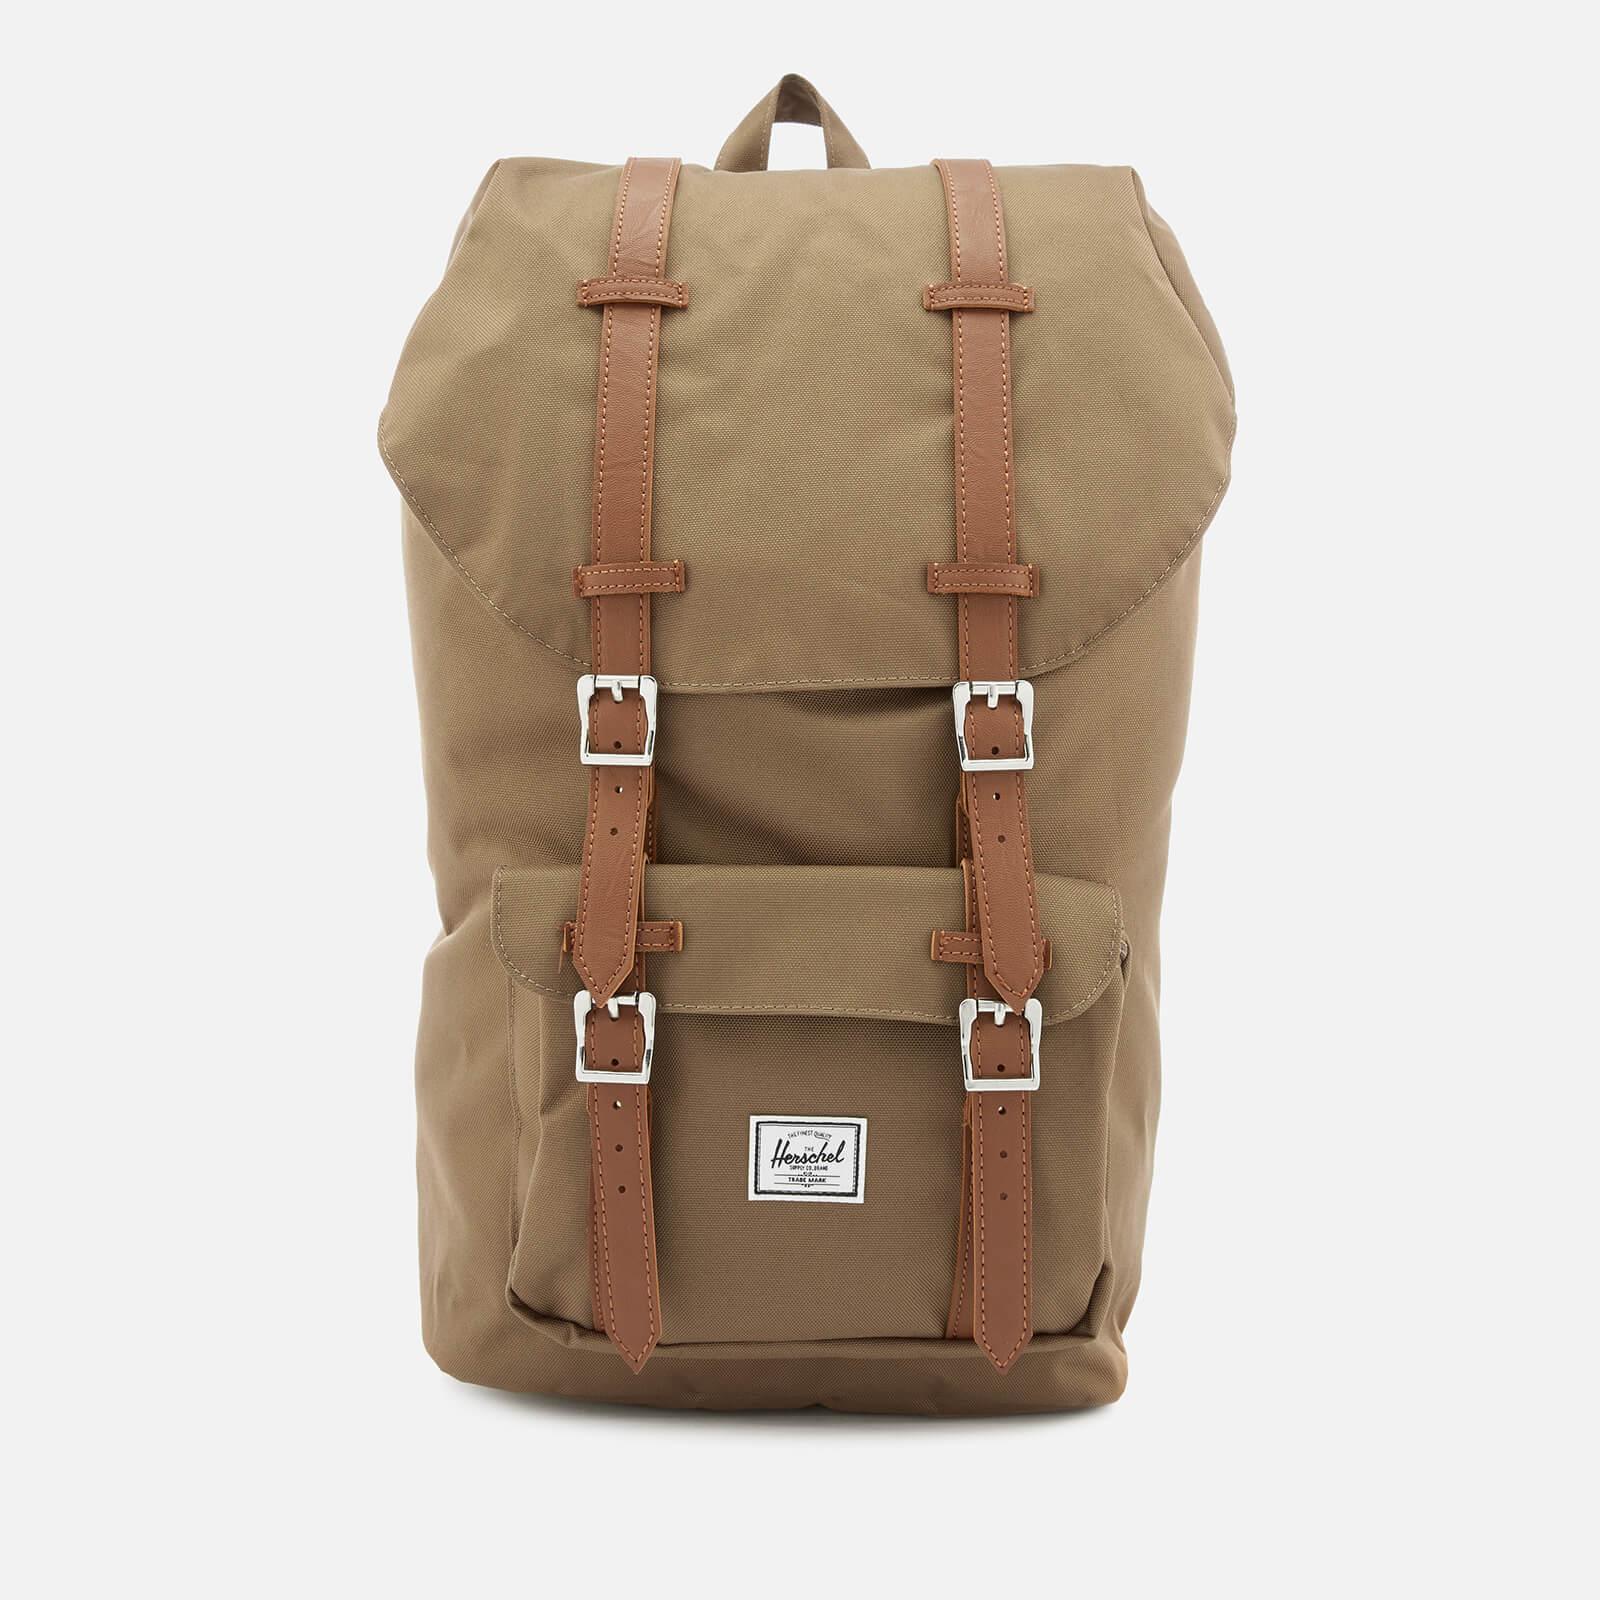 9866e095f63 Herschel Supply Co. Men s Little America Backpack - Cub Tan - Free ...